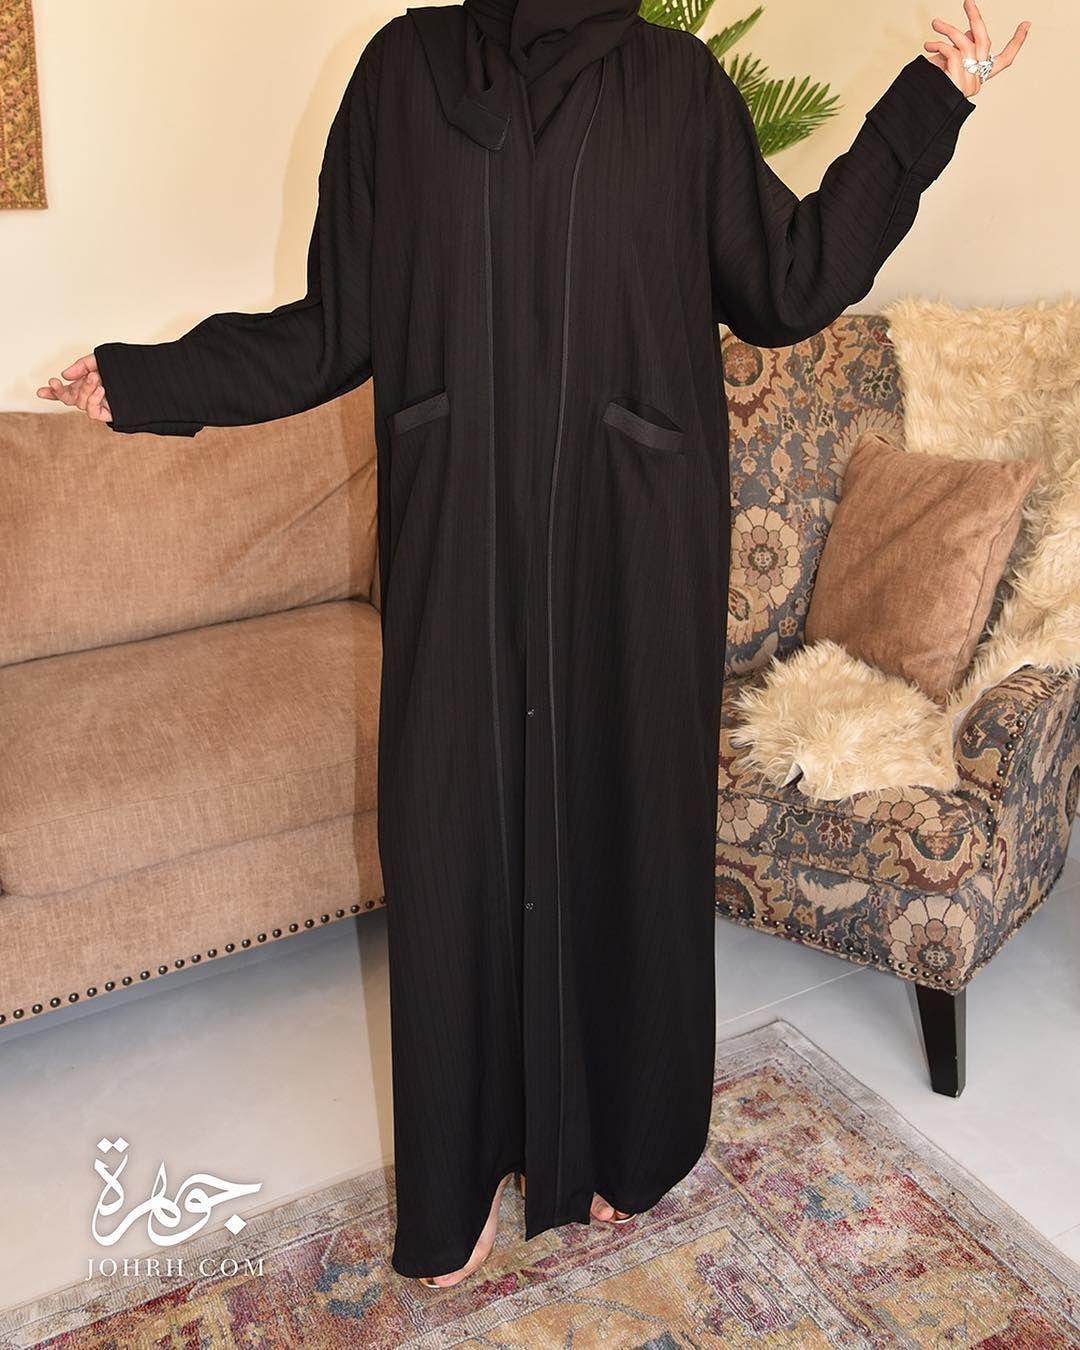 عباية بقماش رقيق ومقلم من نفس القماش مع أكمام ضيقة وجيوب مخفية من الأمام رقم الموديل 1197 السعر بعد الخصم 210 ريال متجر جوهر Fashion High Neck Dress Dresses